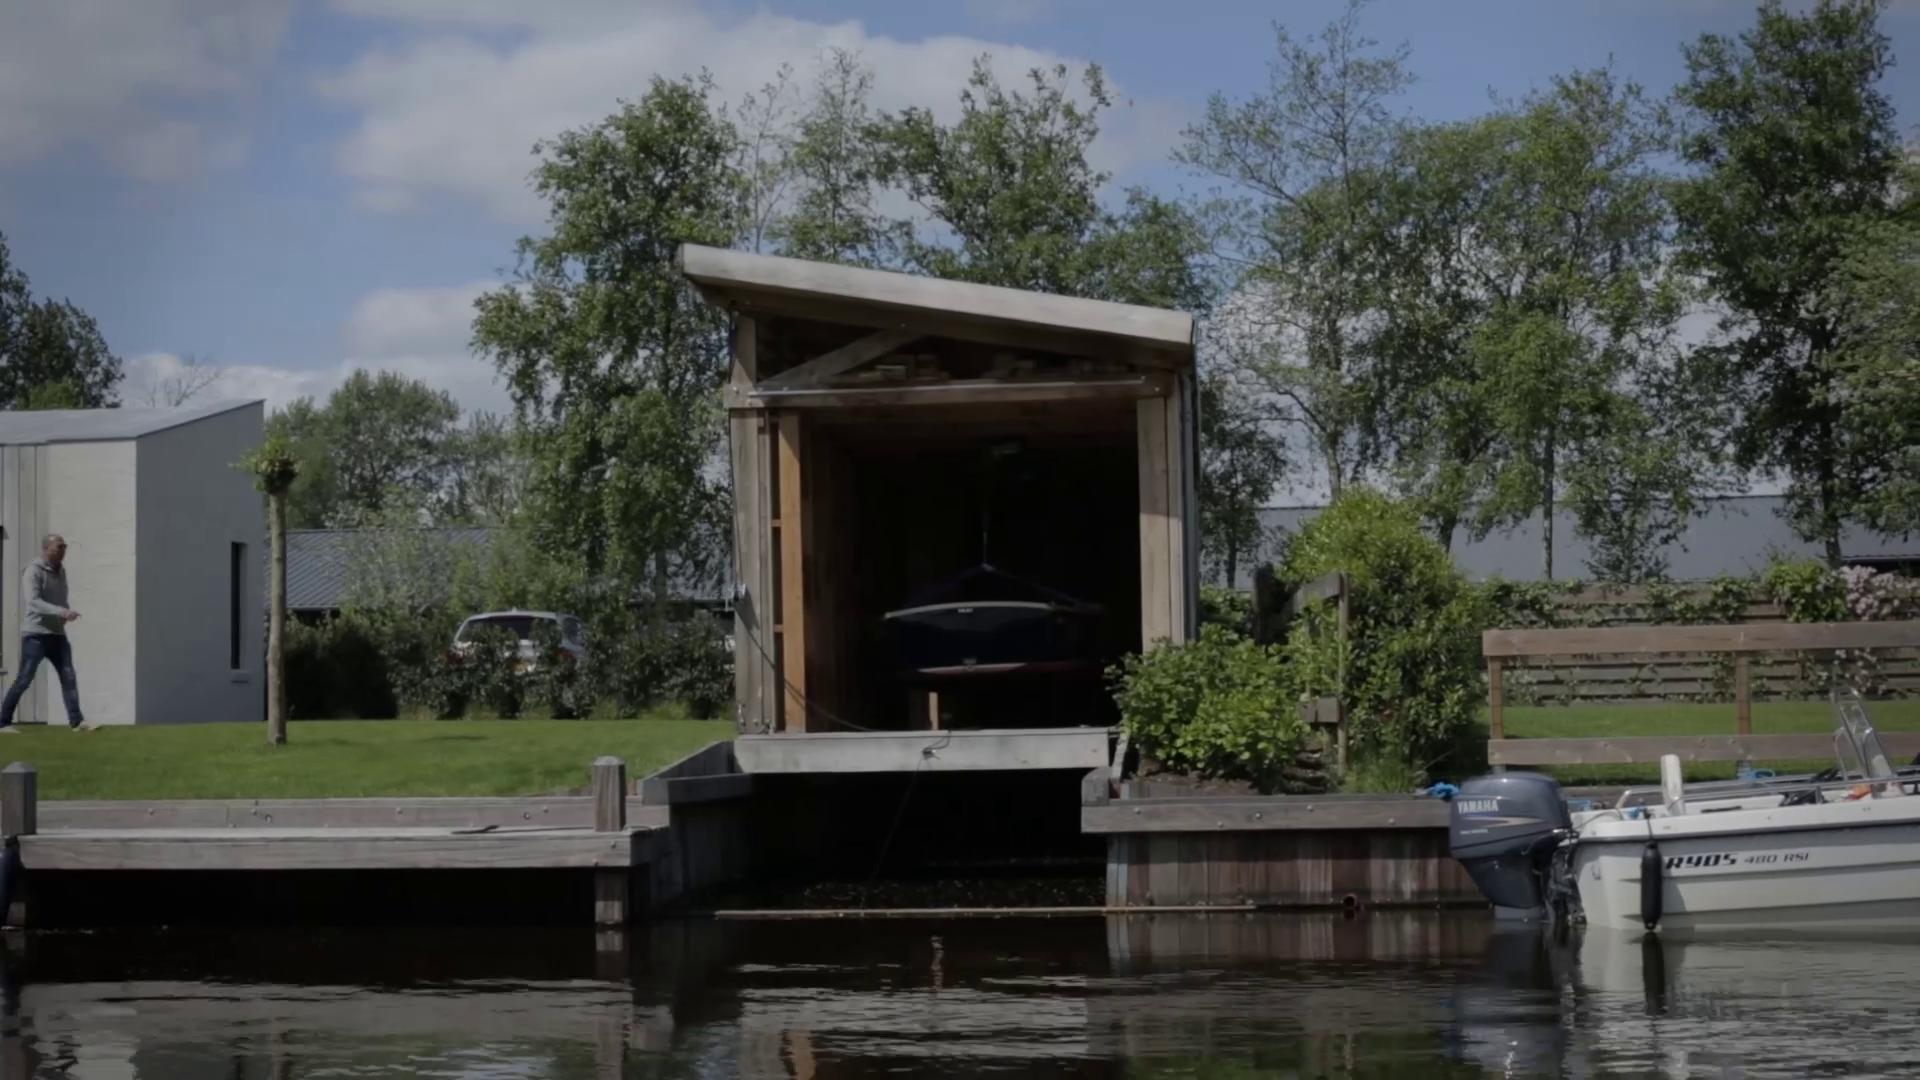 Galeria de video boathouse cobertizo en invierno y for M bel h ffner küchen